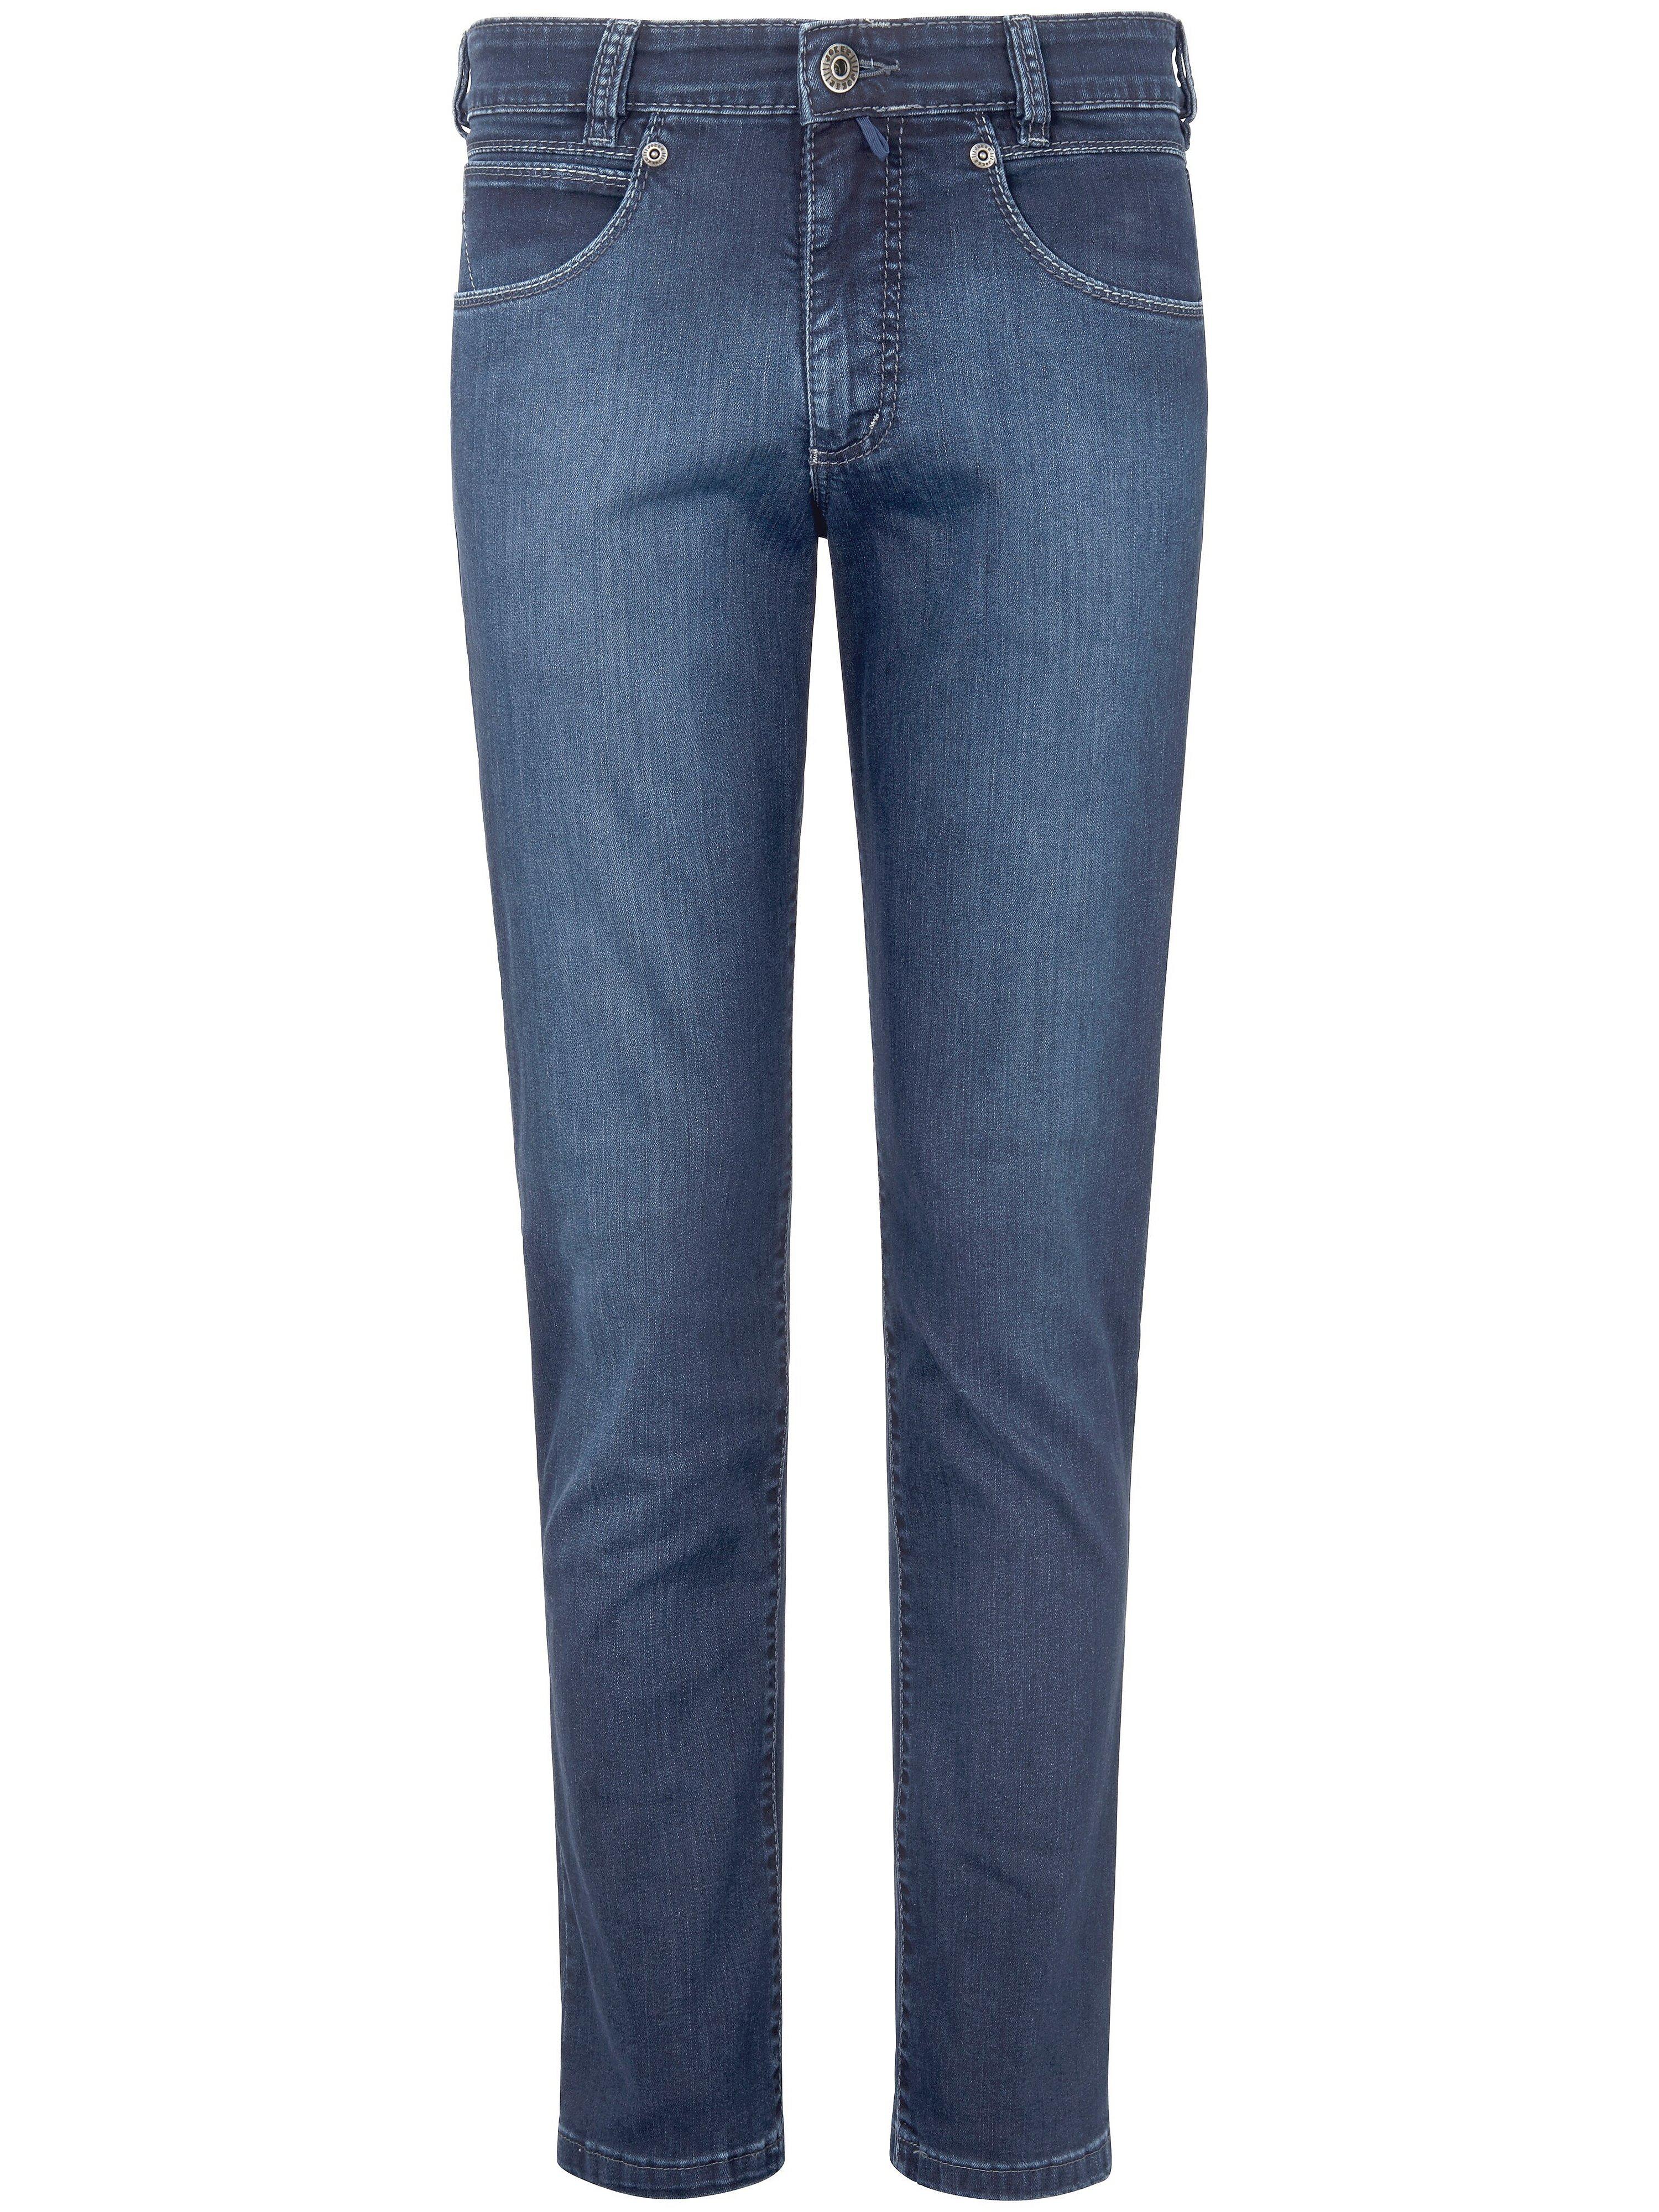 Jeans model Freddy Van JOKER blauw